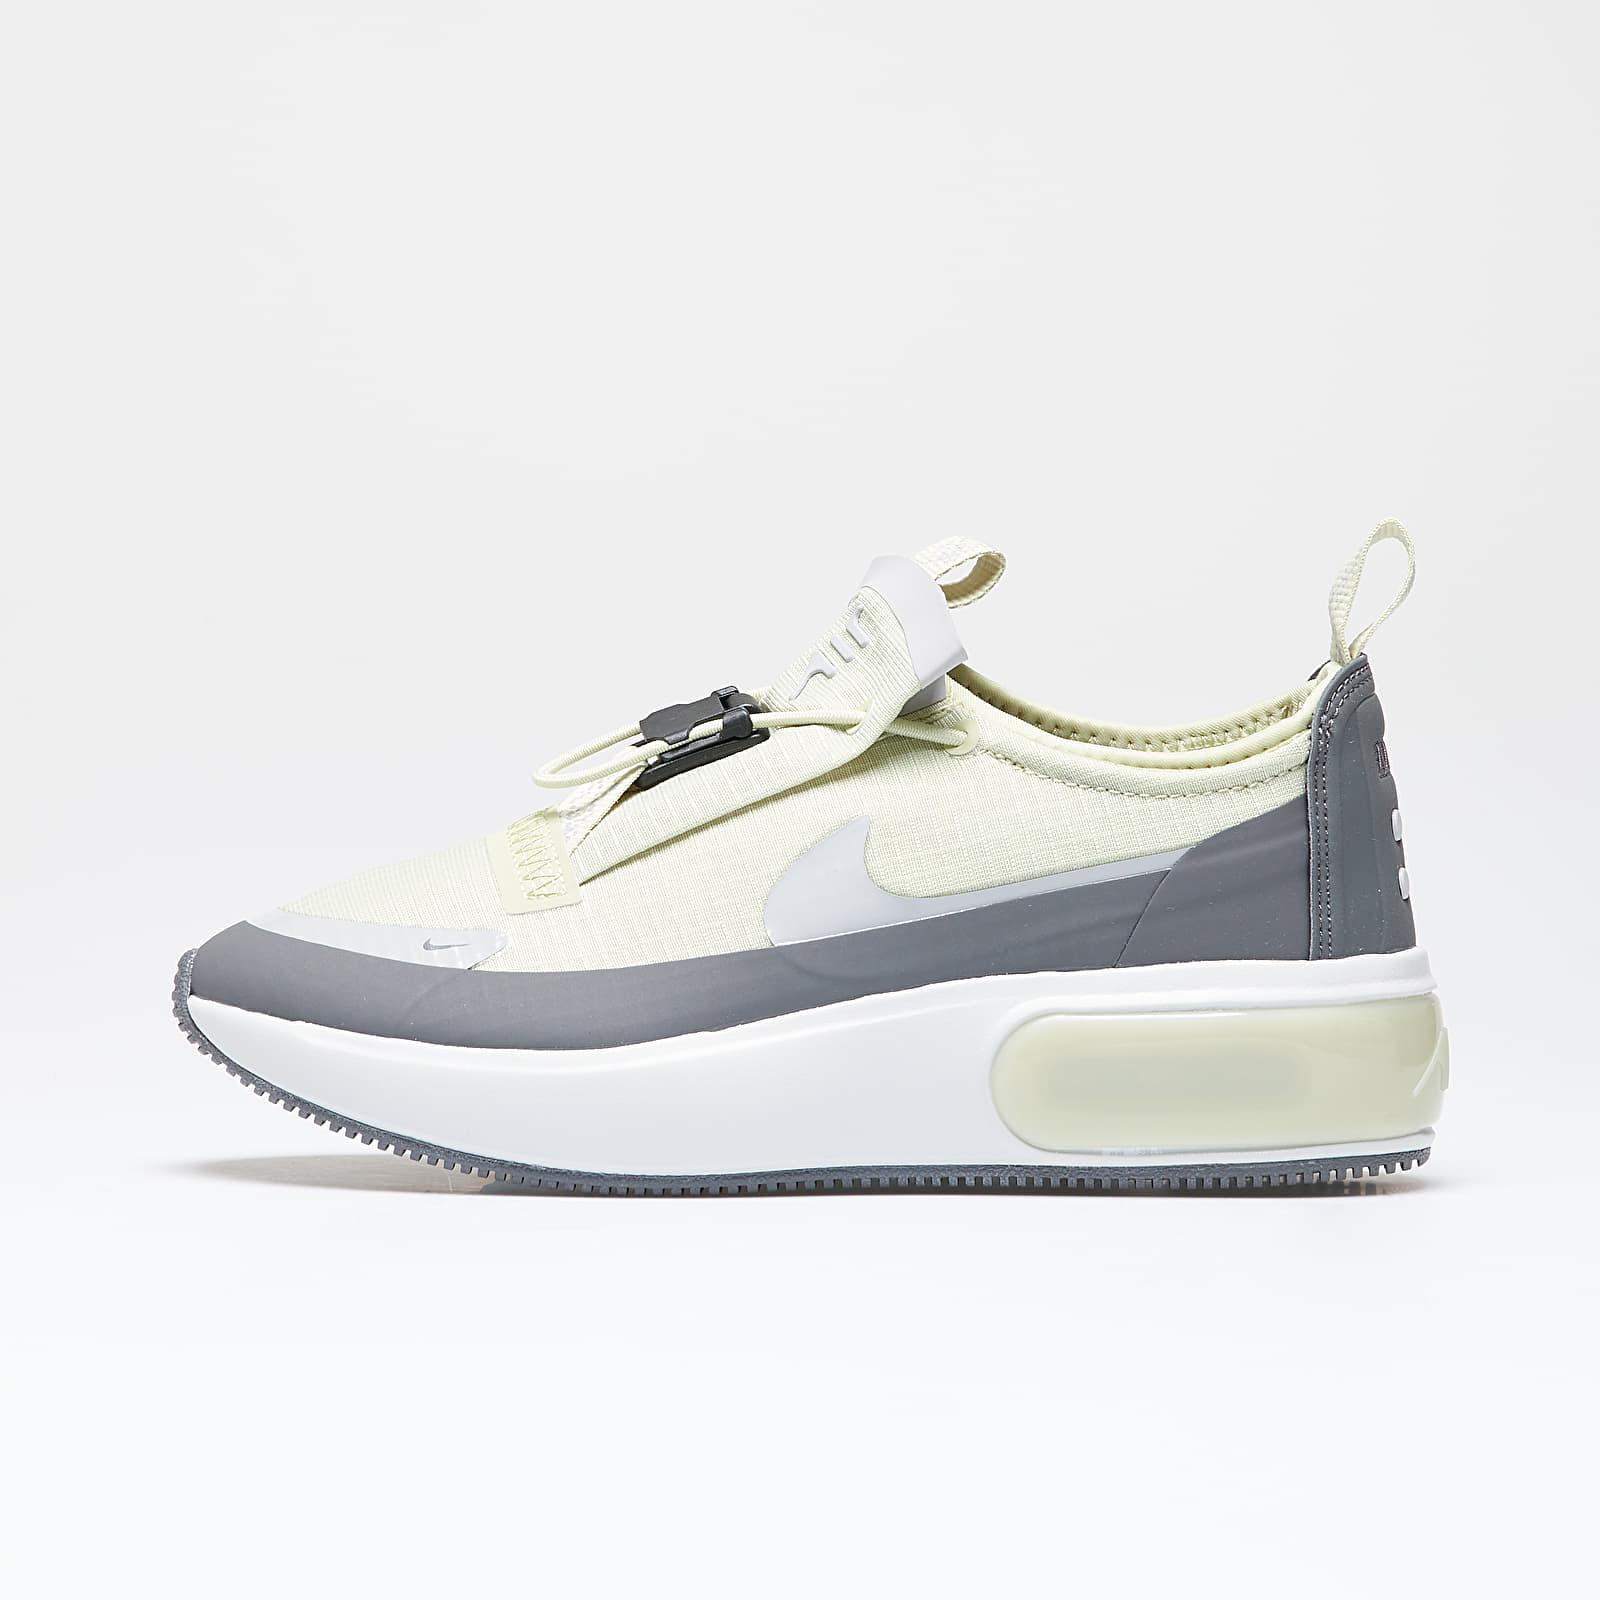 Dámské tenisky a boty Nike W Air Max Dia Winter Olive Aura/ Lt Smoke Grey-Iron Grey